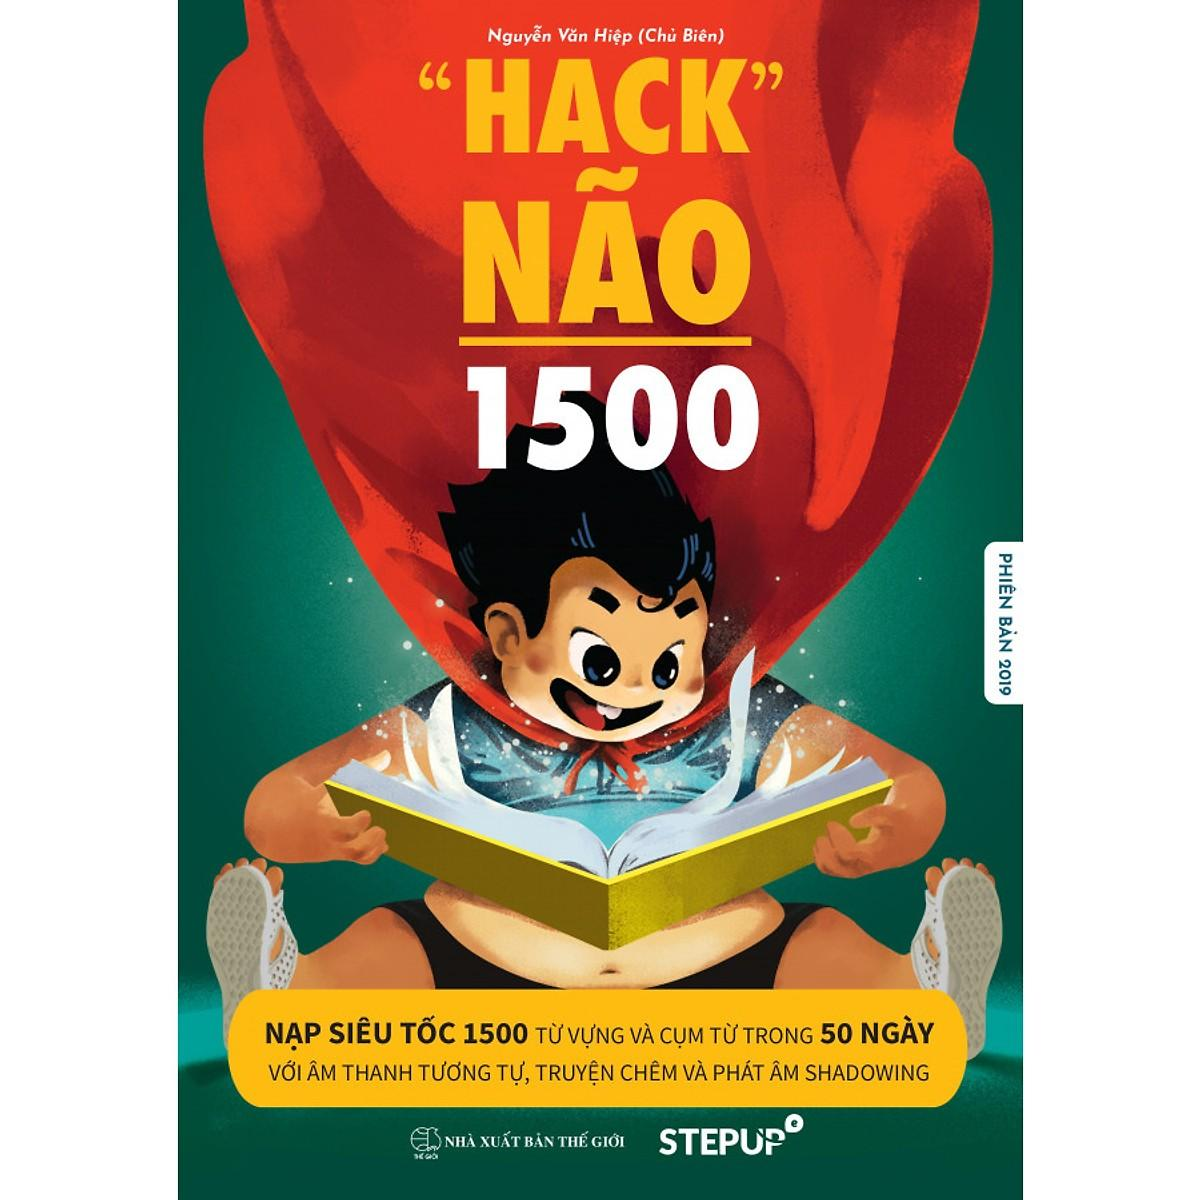 Mua [ BẢN CHUẨN ĐẸP RÕ NÉT 2019 ] - Hack Não 1500 Từ Tiếng Anh - Bìa Màu, trong trắng đen - Tặng kèm link audio